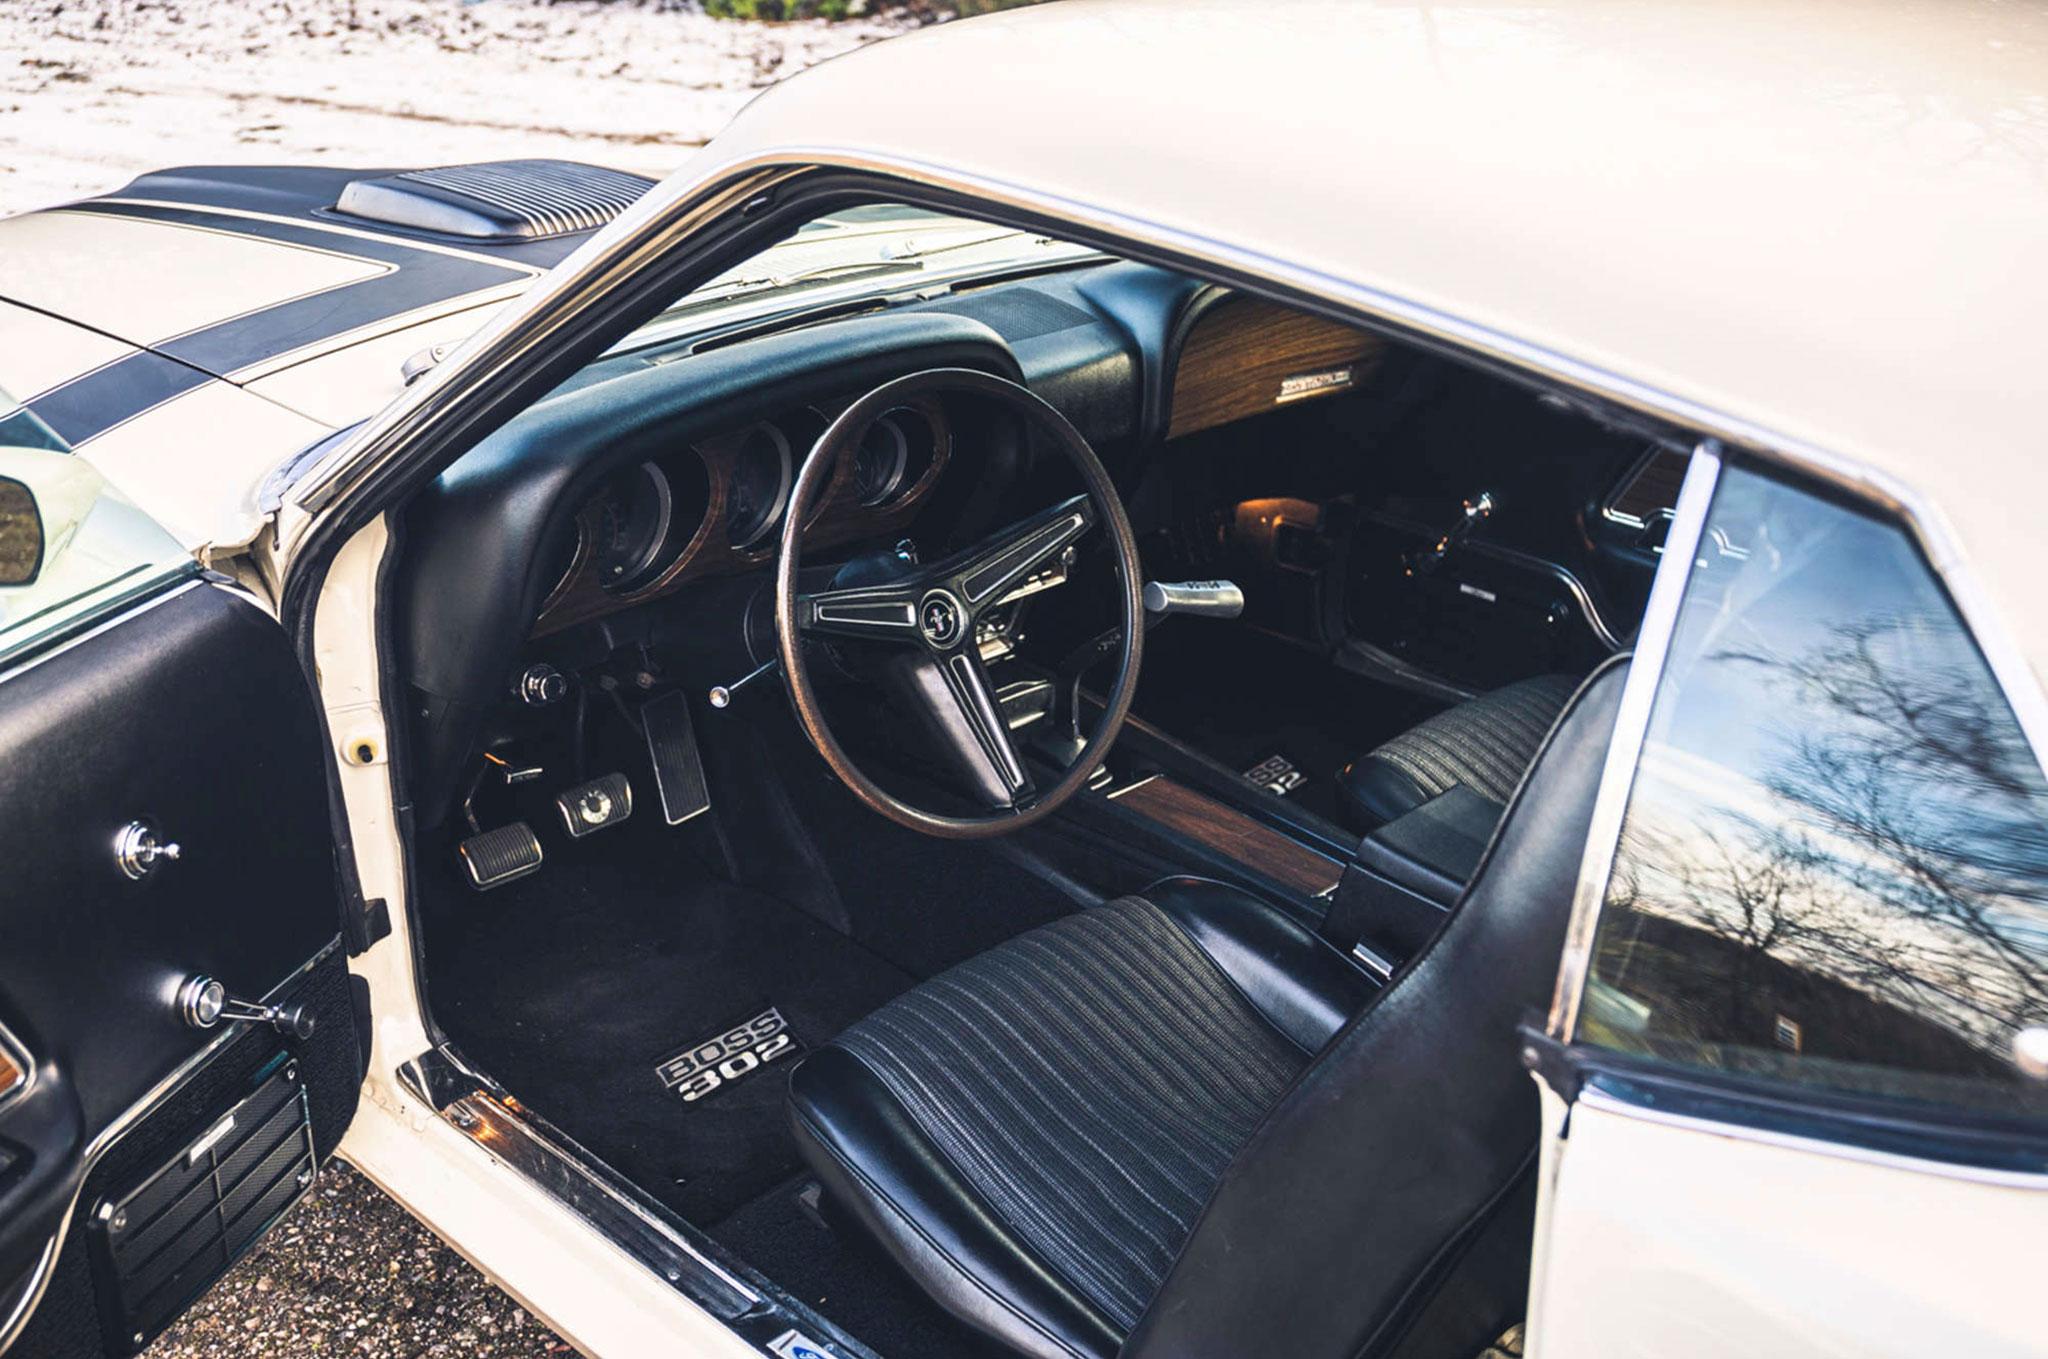 1970 Ford Mustang Boss 302 poste de conduite.